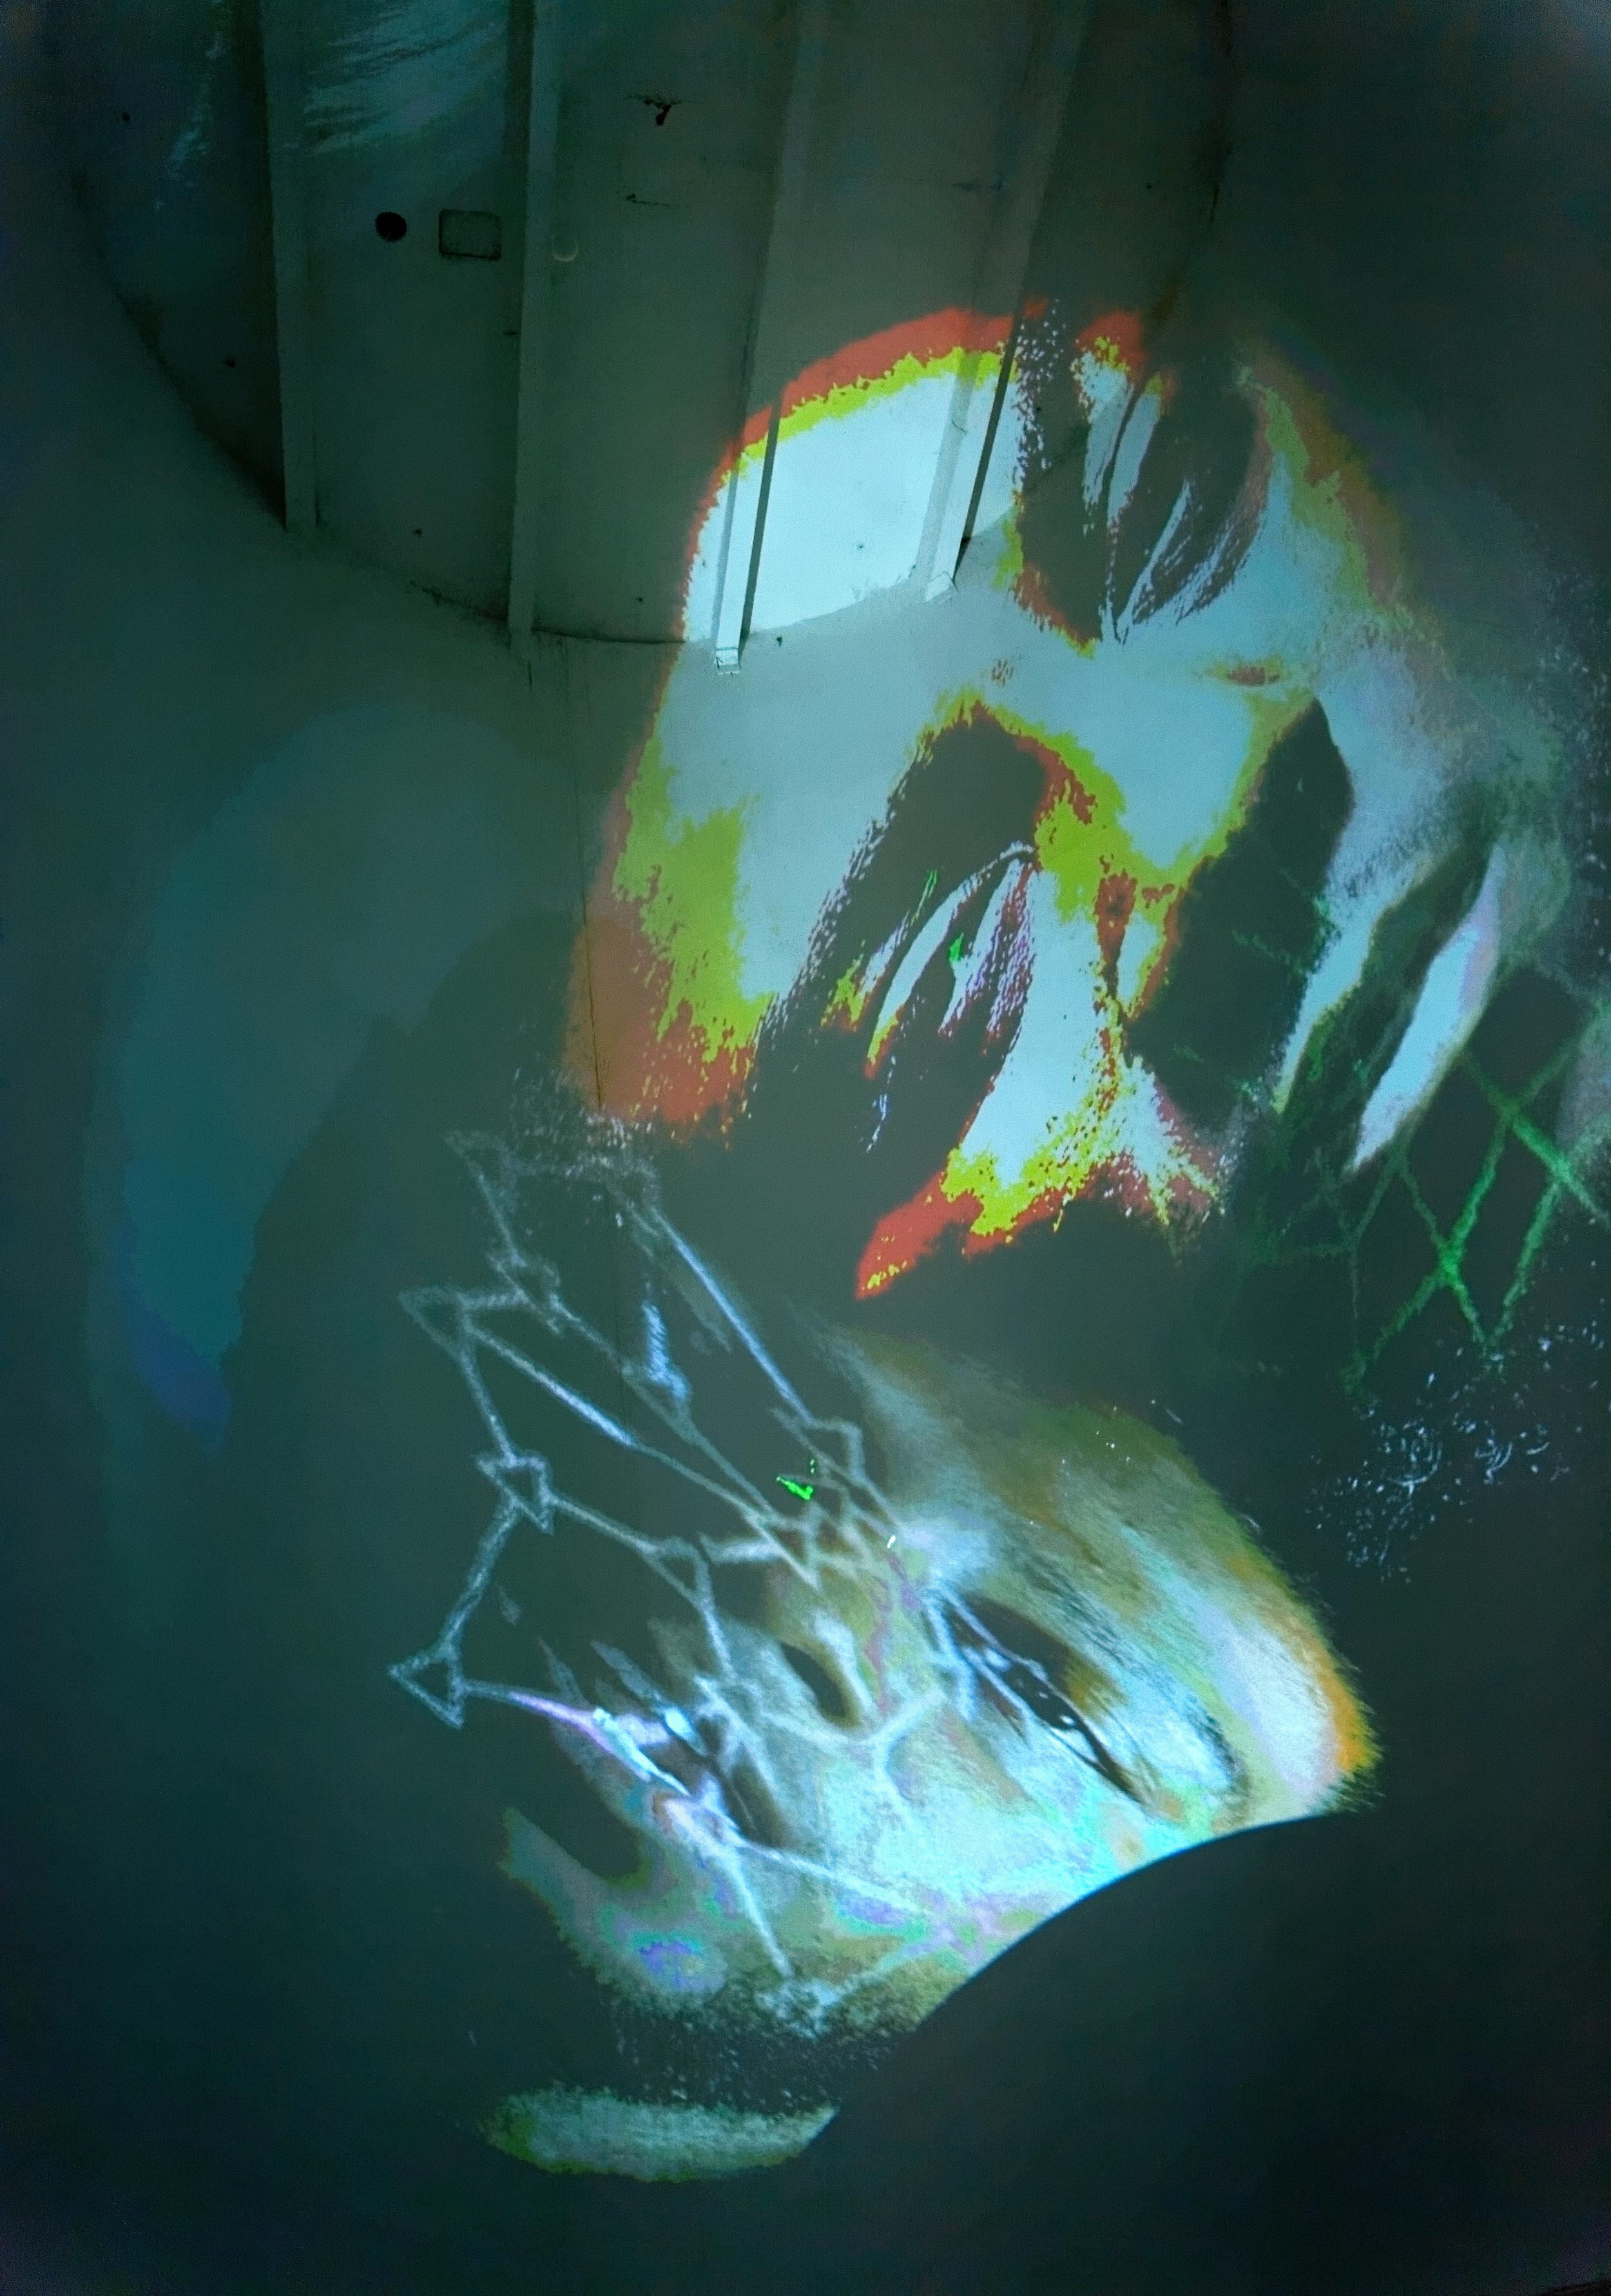 Weak-classifiers (2015)  Tony Oursler  Courtoisie Lisson Gallery et Biennale de Lyon 2015  © Blaise Adilon